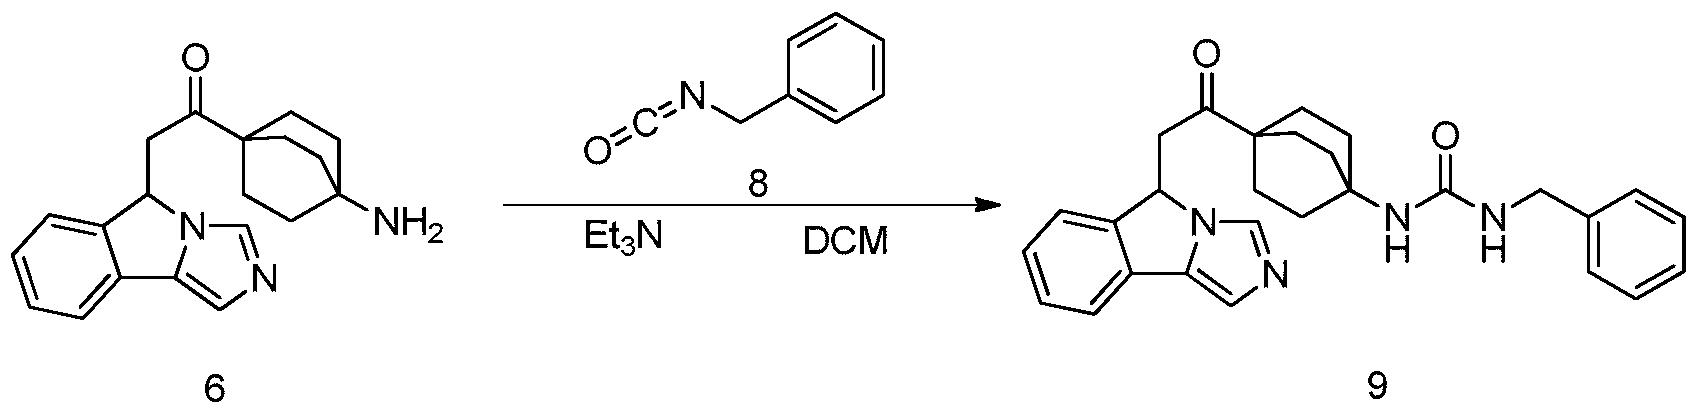 Figure PCTCN2017084604-appb-000192